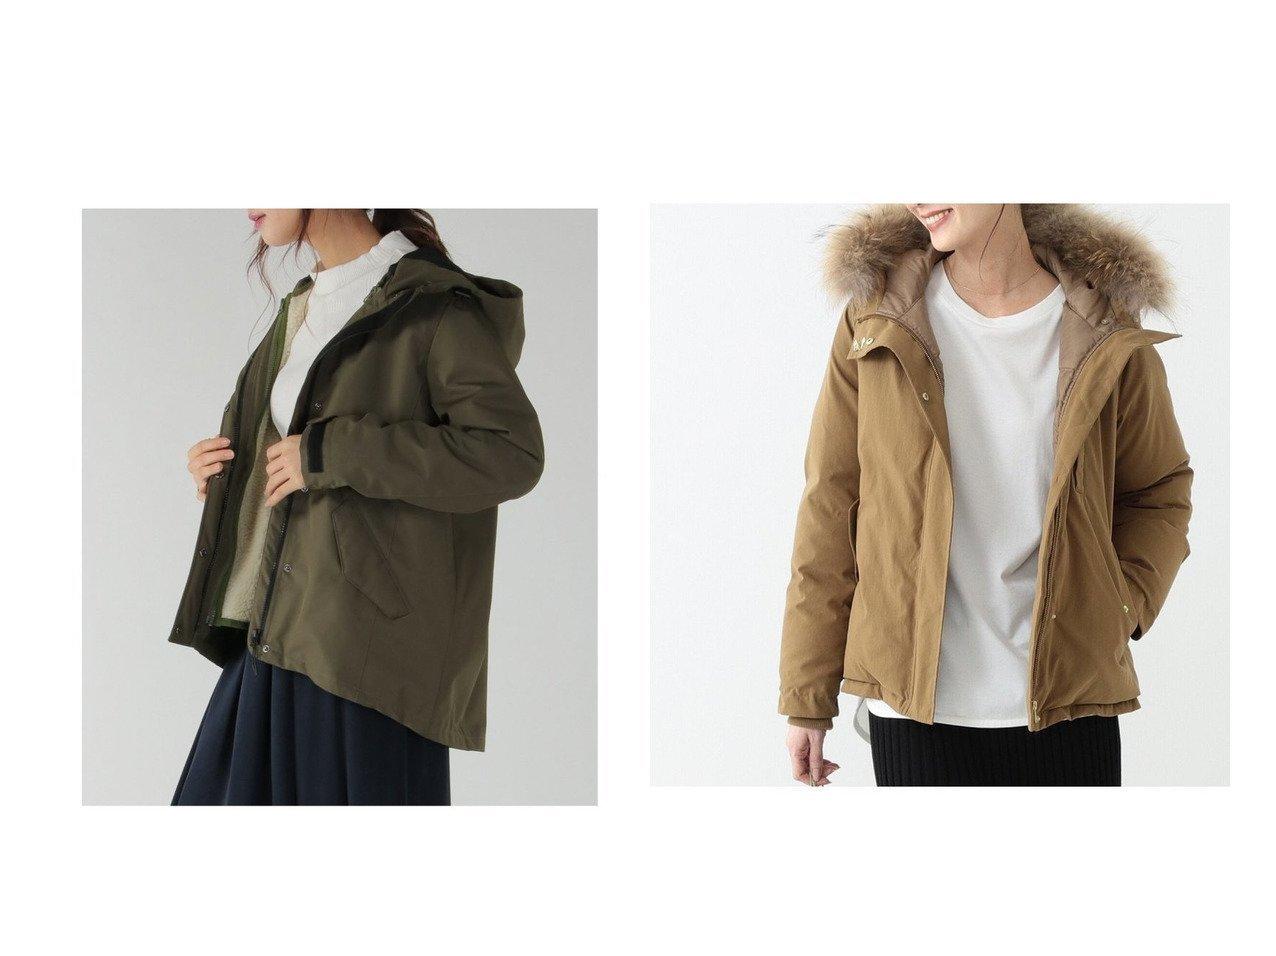 【B:MING by BEAMS/ビーミング by ビームス】のB: アライド ショート ダウン 20AW&【ikka/イッカ】の3WAYボアライナーマウンテンパーカー アウターのおすすめ!人気、レディースファッションの通販 おすすめで人気のファッション通販商品 インテリア・家具・キッズファッション・メンズファッション・レディースファッション・服の通販 founy(ファニー) https://founy.com/ ファッション Fashion レディース WOMEN アウター Coat Outerwear コート Coats ジャケット Jackets テーラードジャケット Tailored Jackets トップス Tops Tshirt パーカ Sweats アウトドア インナー シンプル ジャケット パーカー ライナー 冬 Winter 春 秋 羽織 防寒 秋冬 A/W Autumn/ Winter ショート ダウン トレンド バランス ロング |ID:crp329100000003117